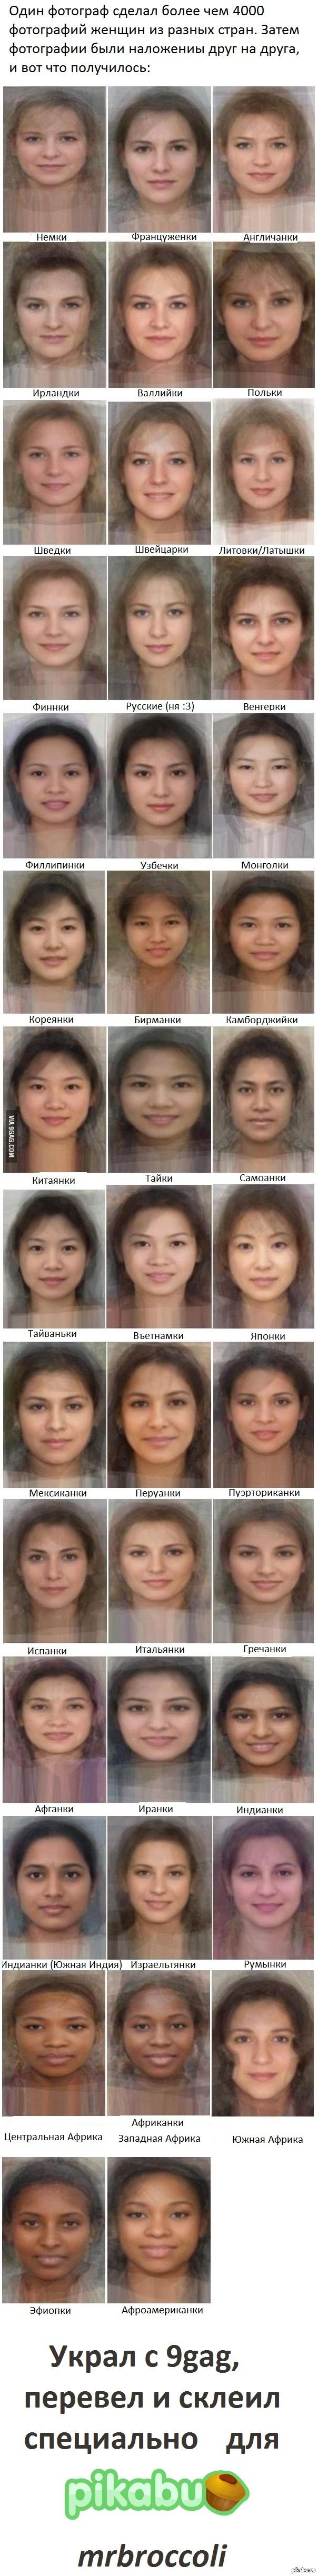 Фотографии девушек всех национальностей 5 фотография